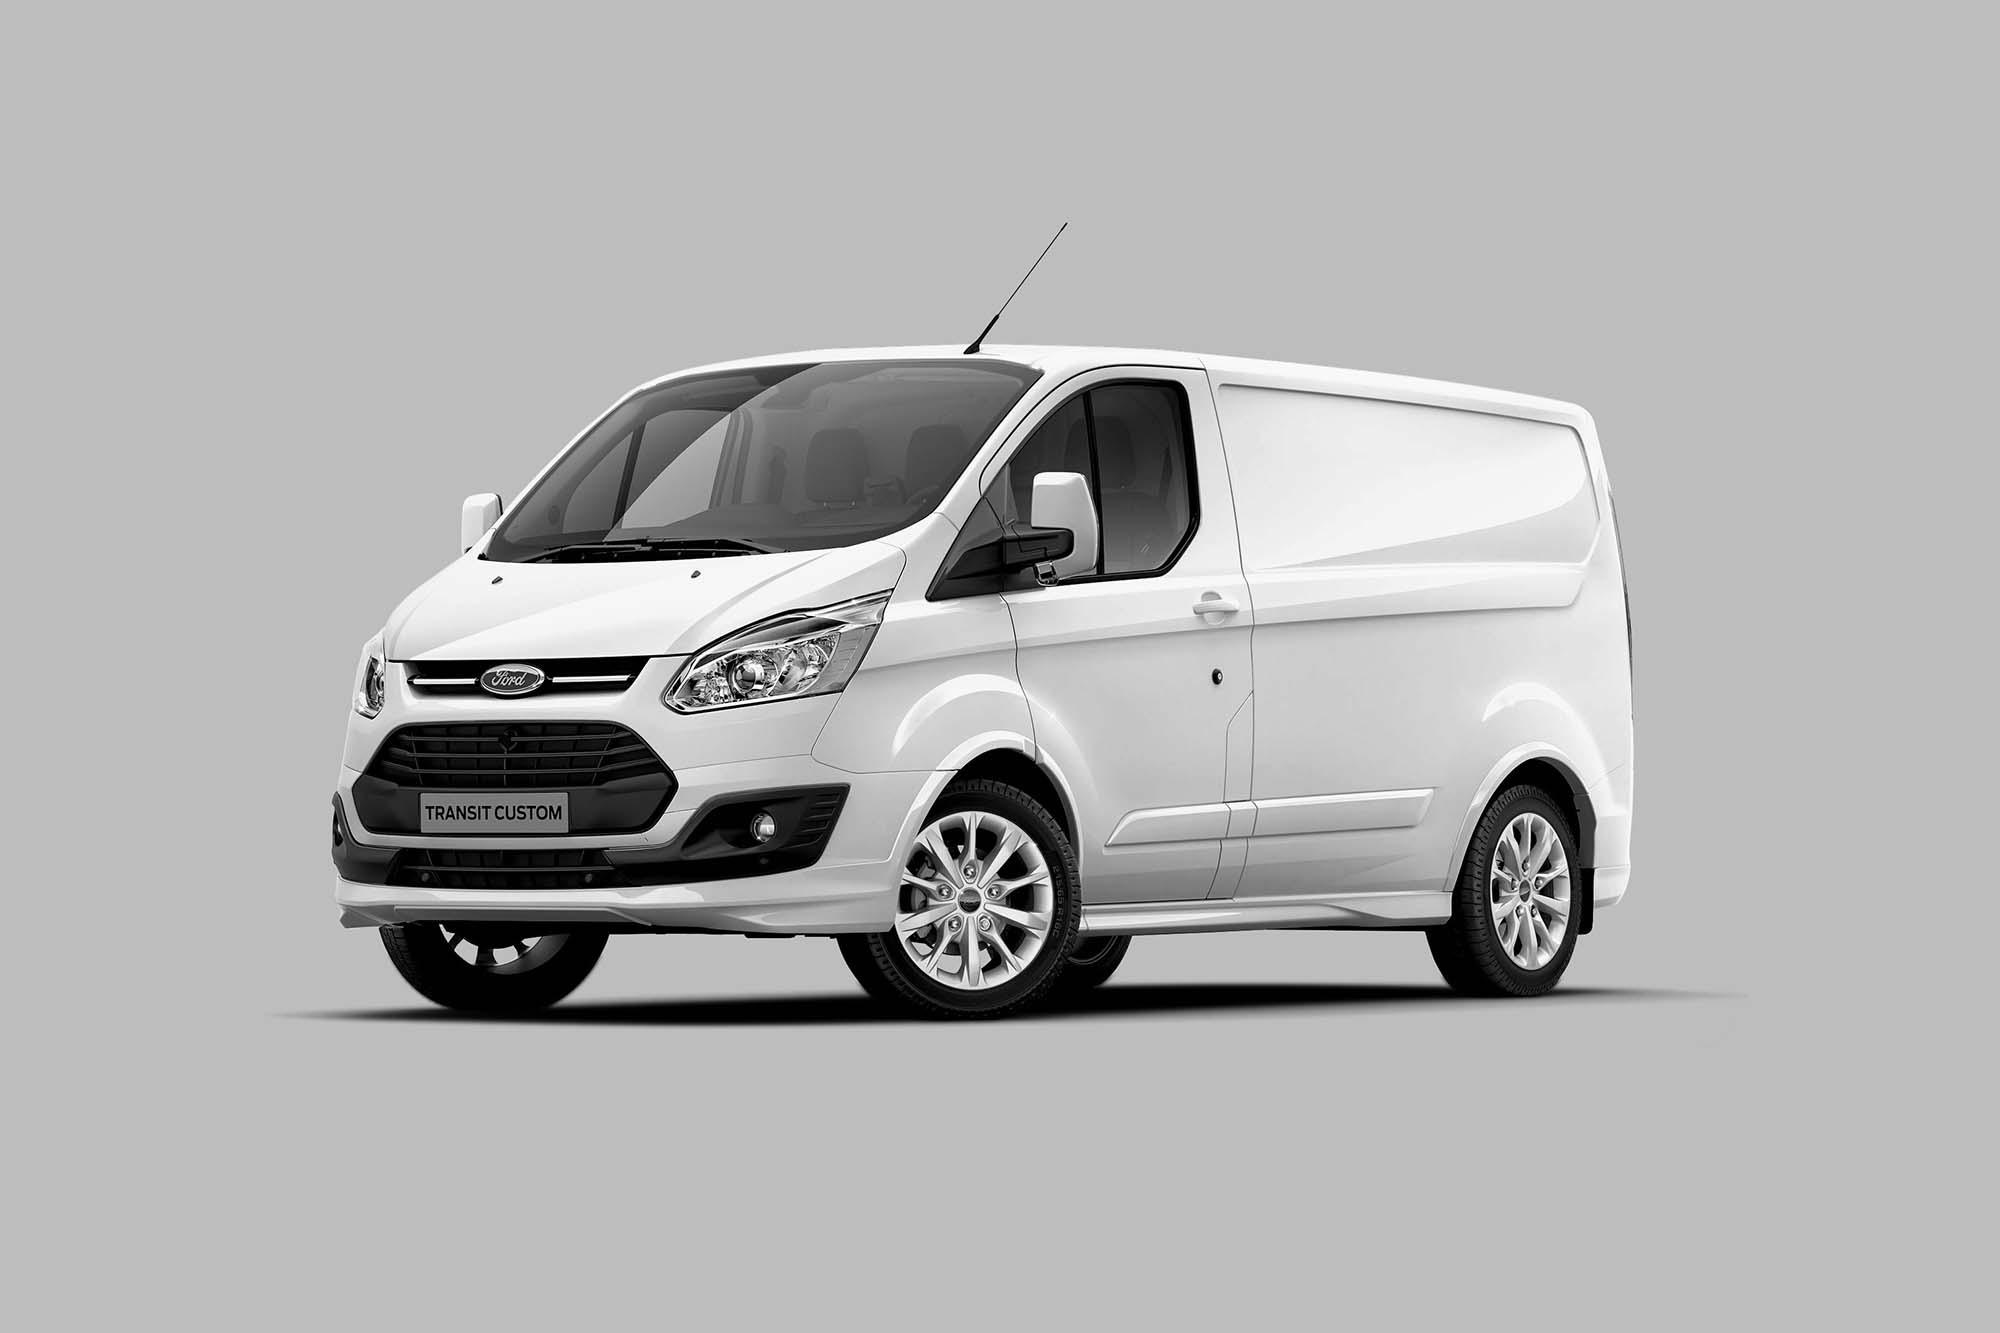 Ford Van Mockup 2